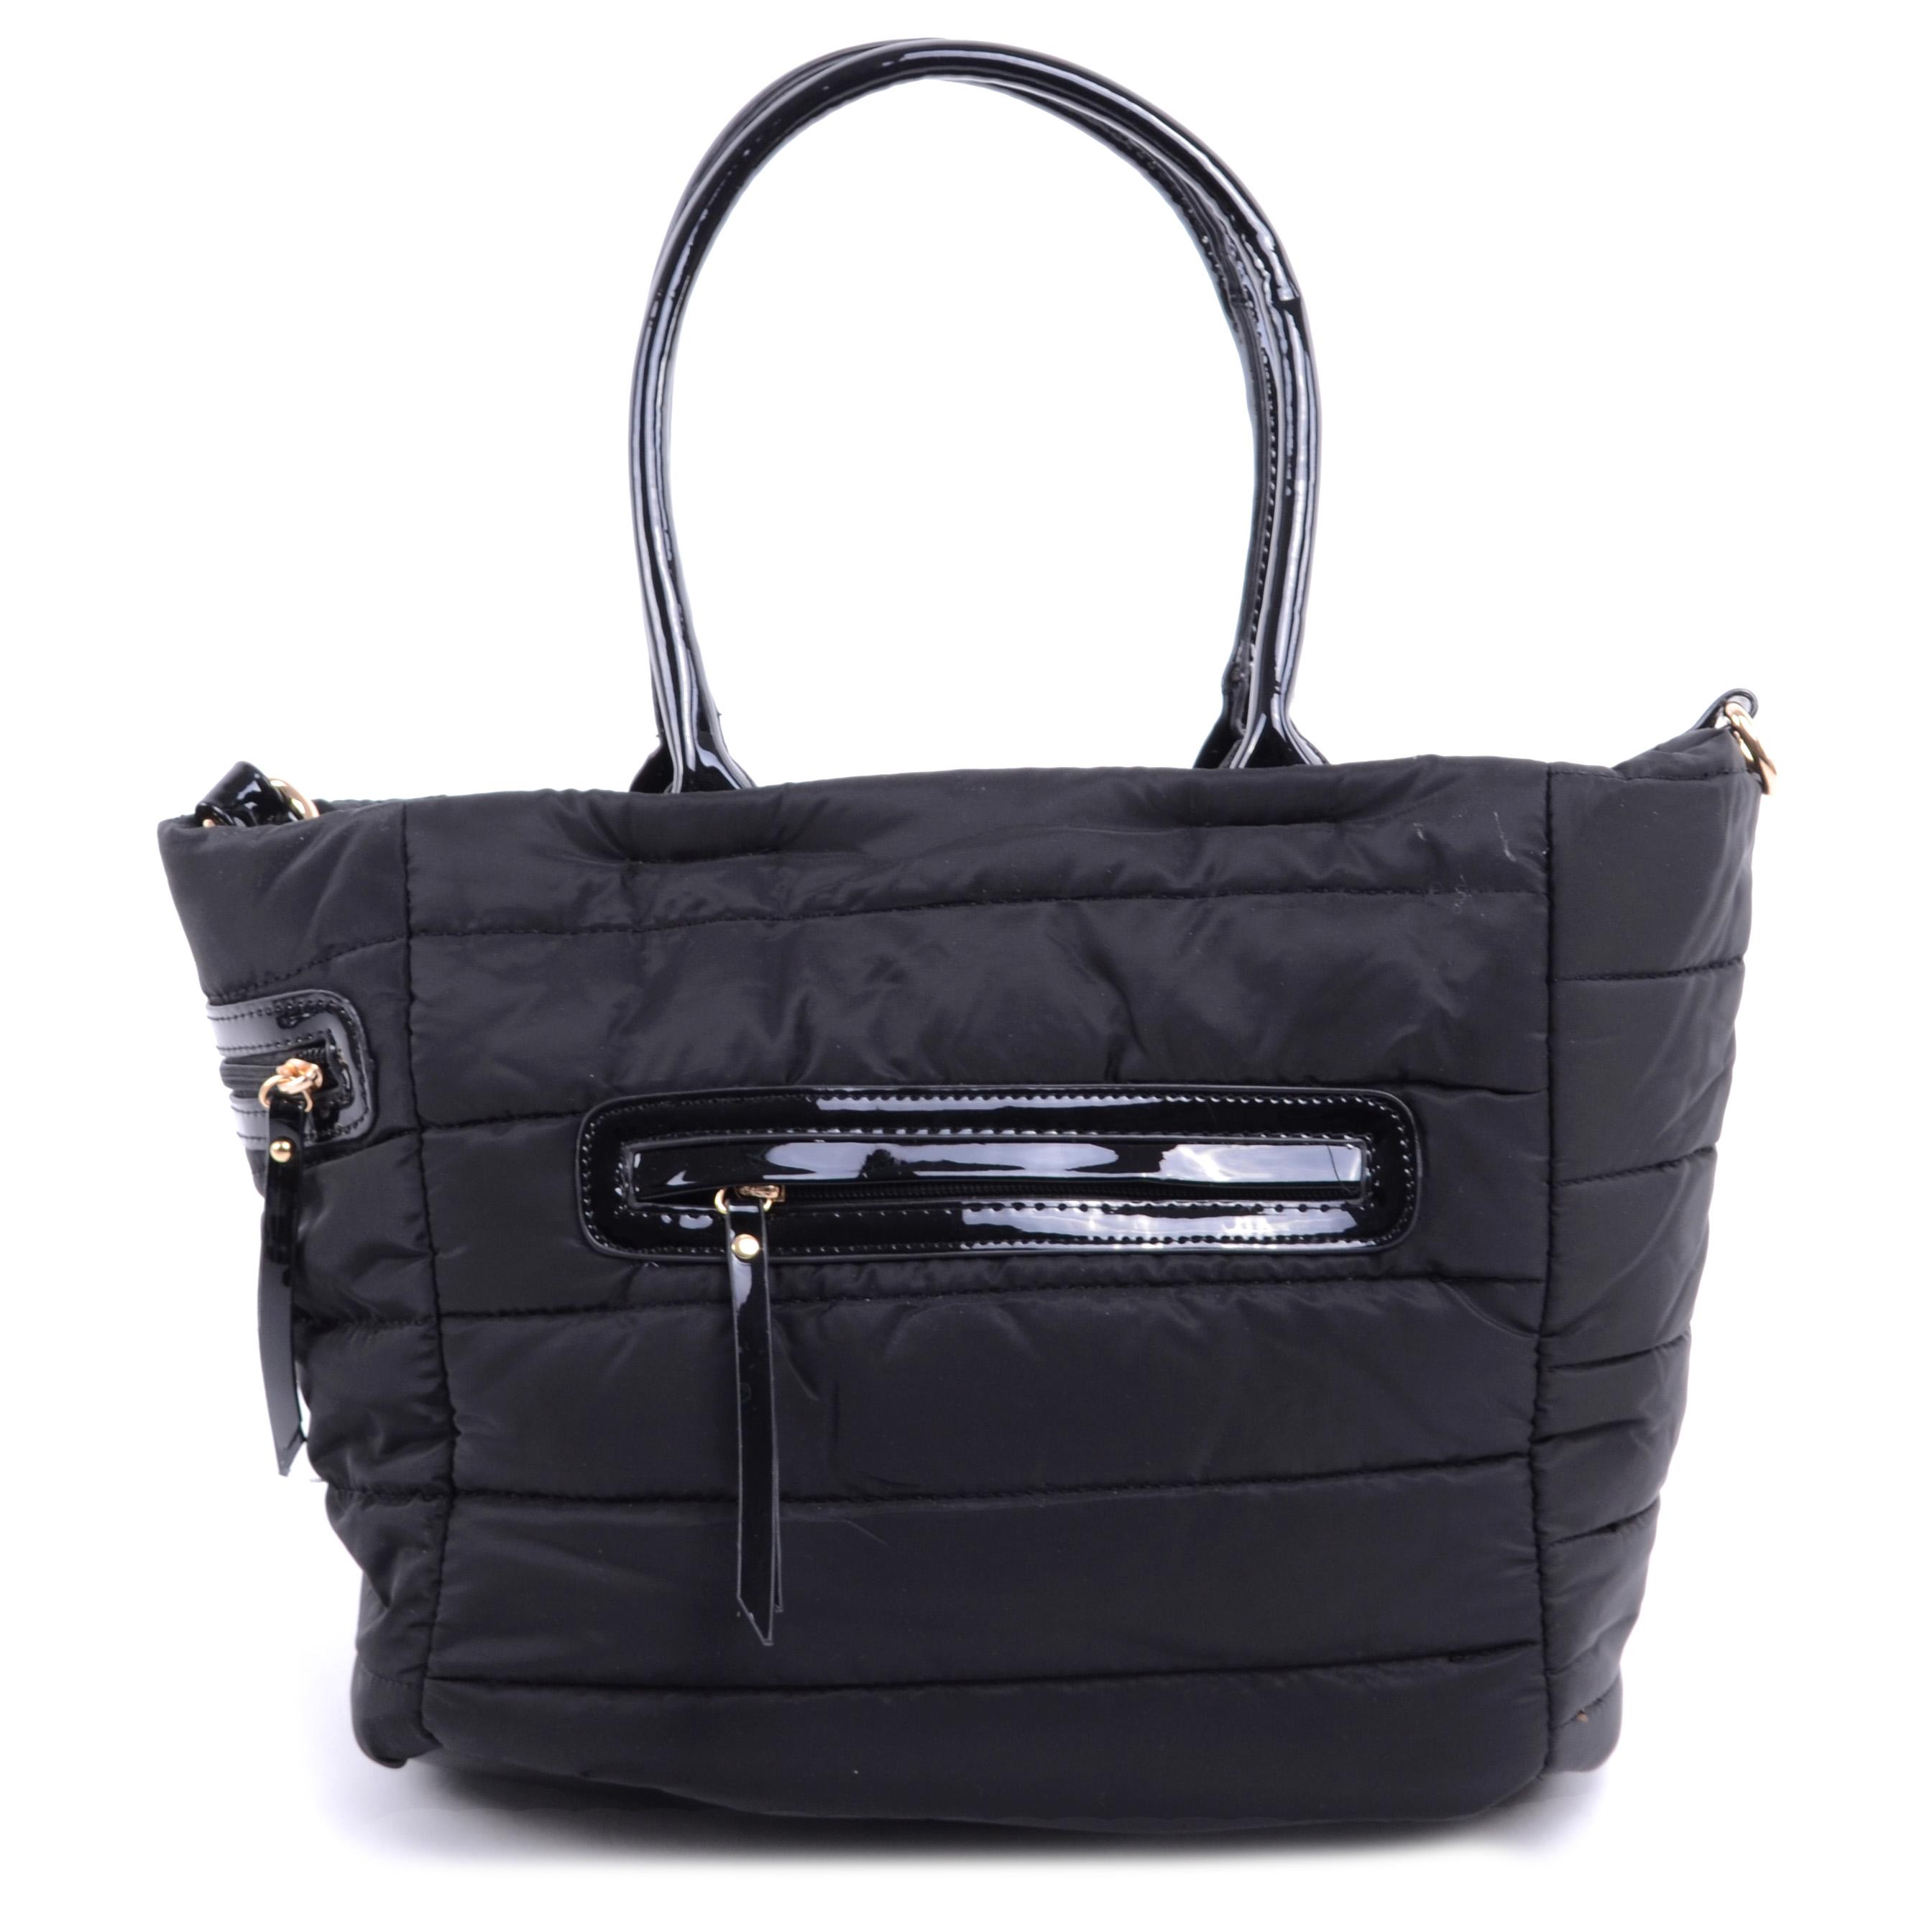 Női Pvc Válltáska Fekete - Válltáskák - Táska webáruház - Minőségi táskák  mindenkinek 19eb94bb0e